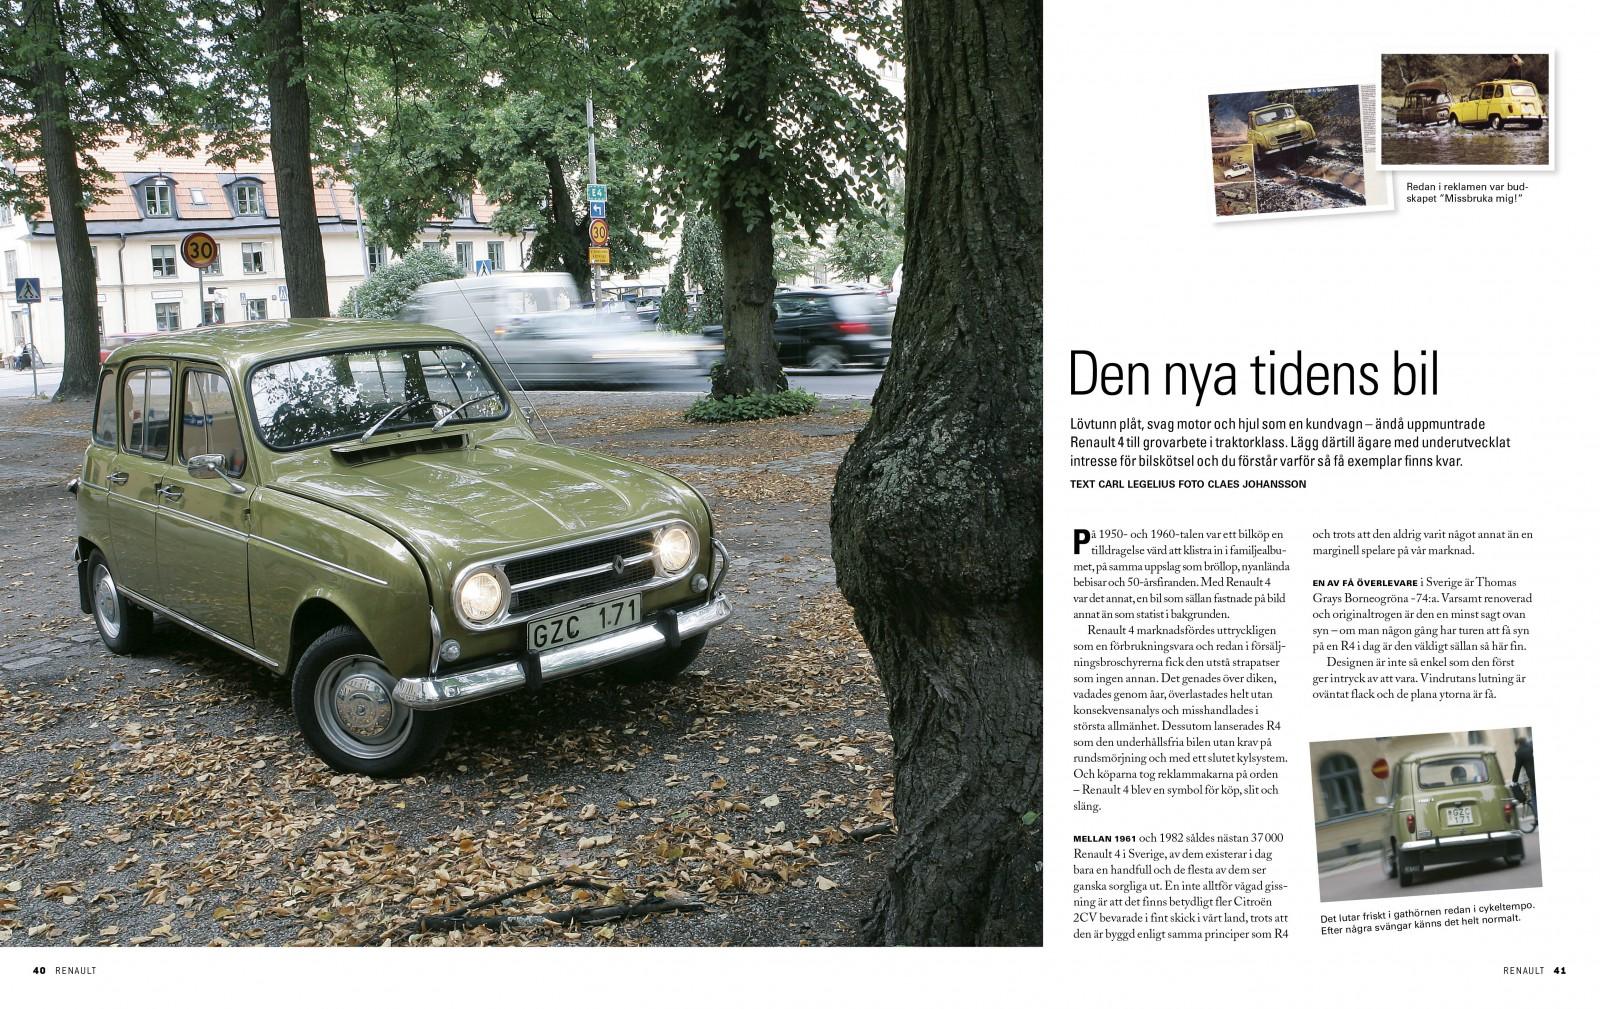 Upplev en av få bevarade Renault 4 från 1970-talet.